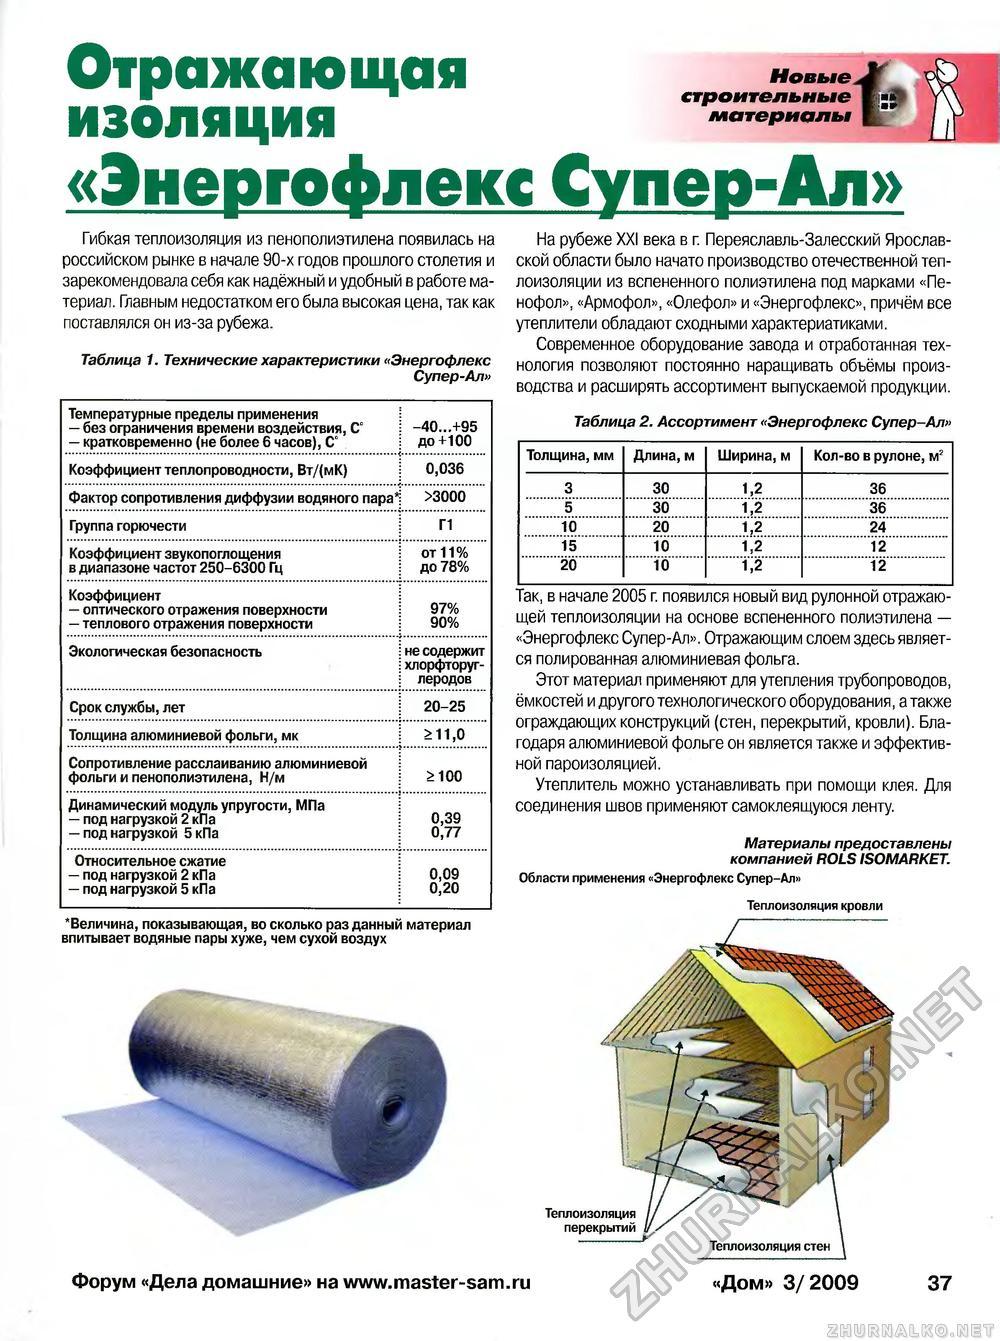 Характеристики утеплителя термит, свойства и применение теплоизоляции данного производителя